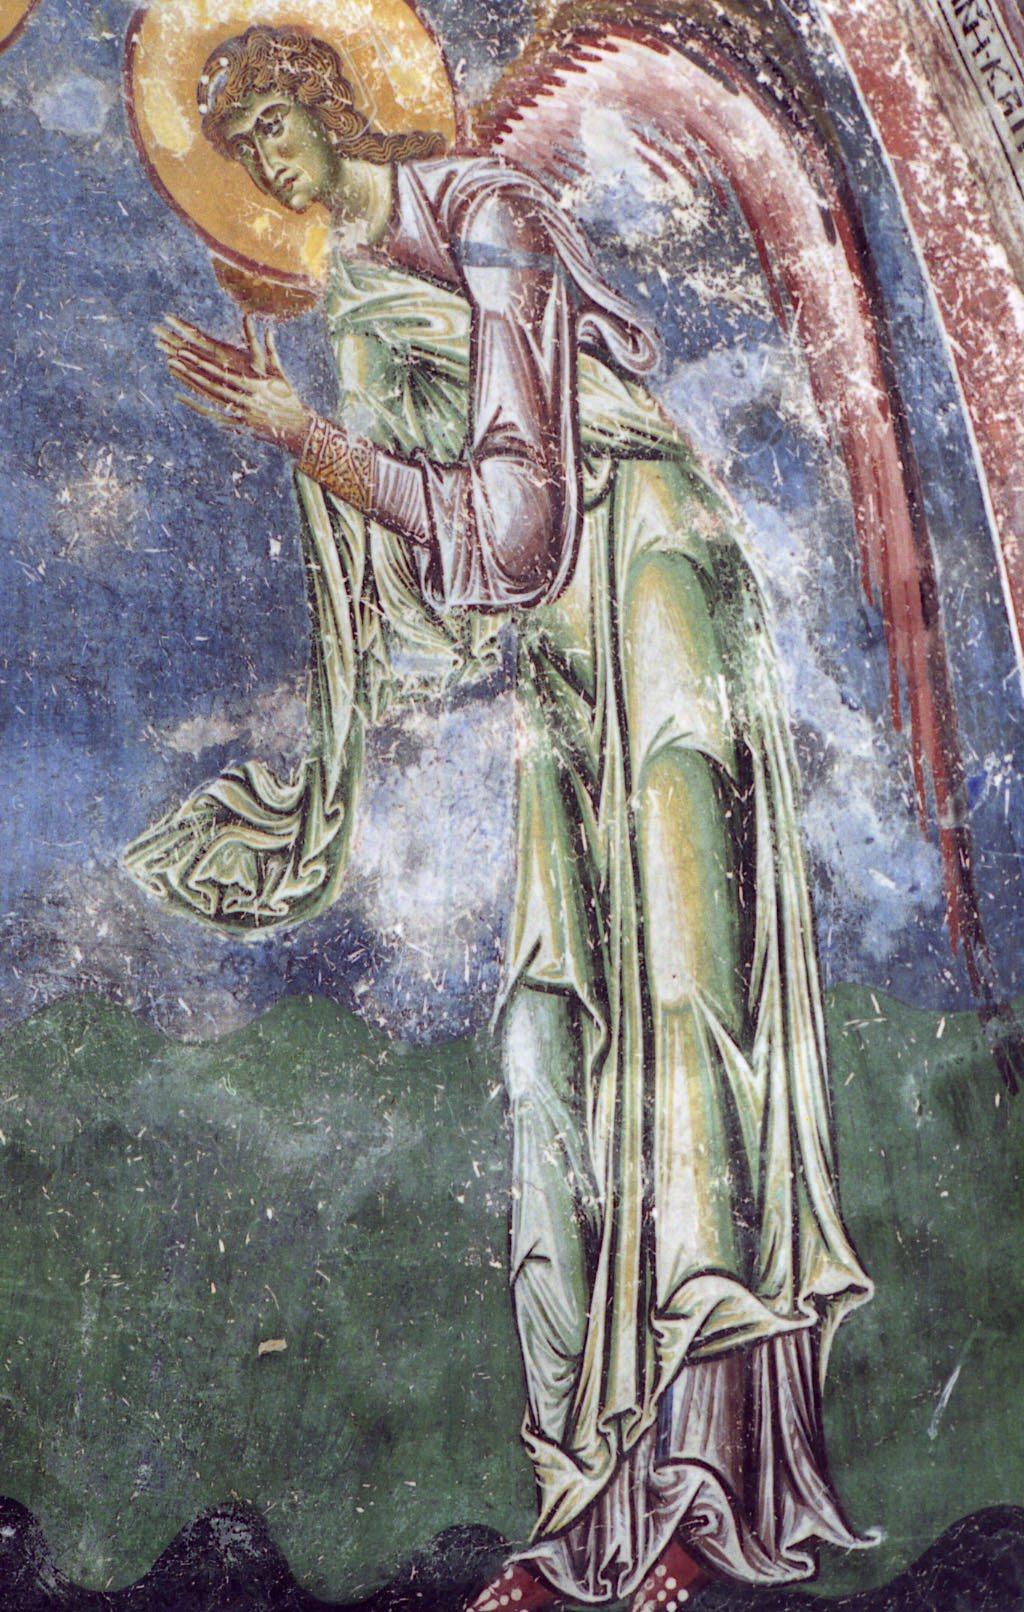 Архангел Гавриил. Фрагмент фрески церкви Св. Георгия в Курбиново, Македония. 1191 год.